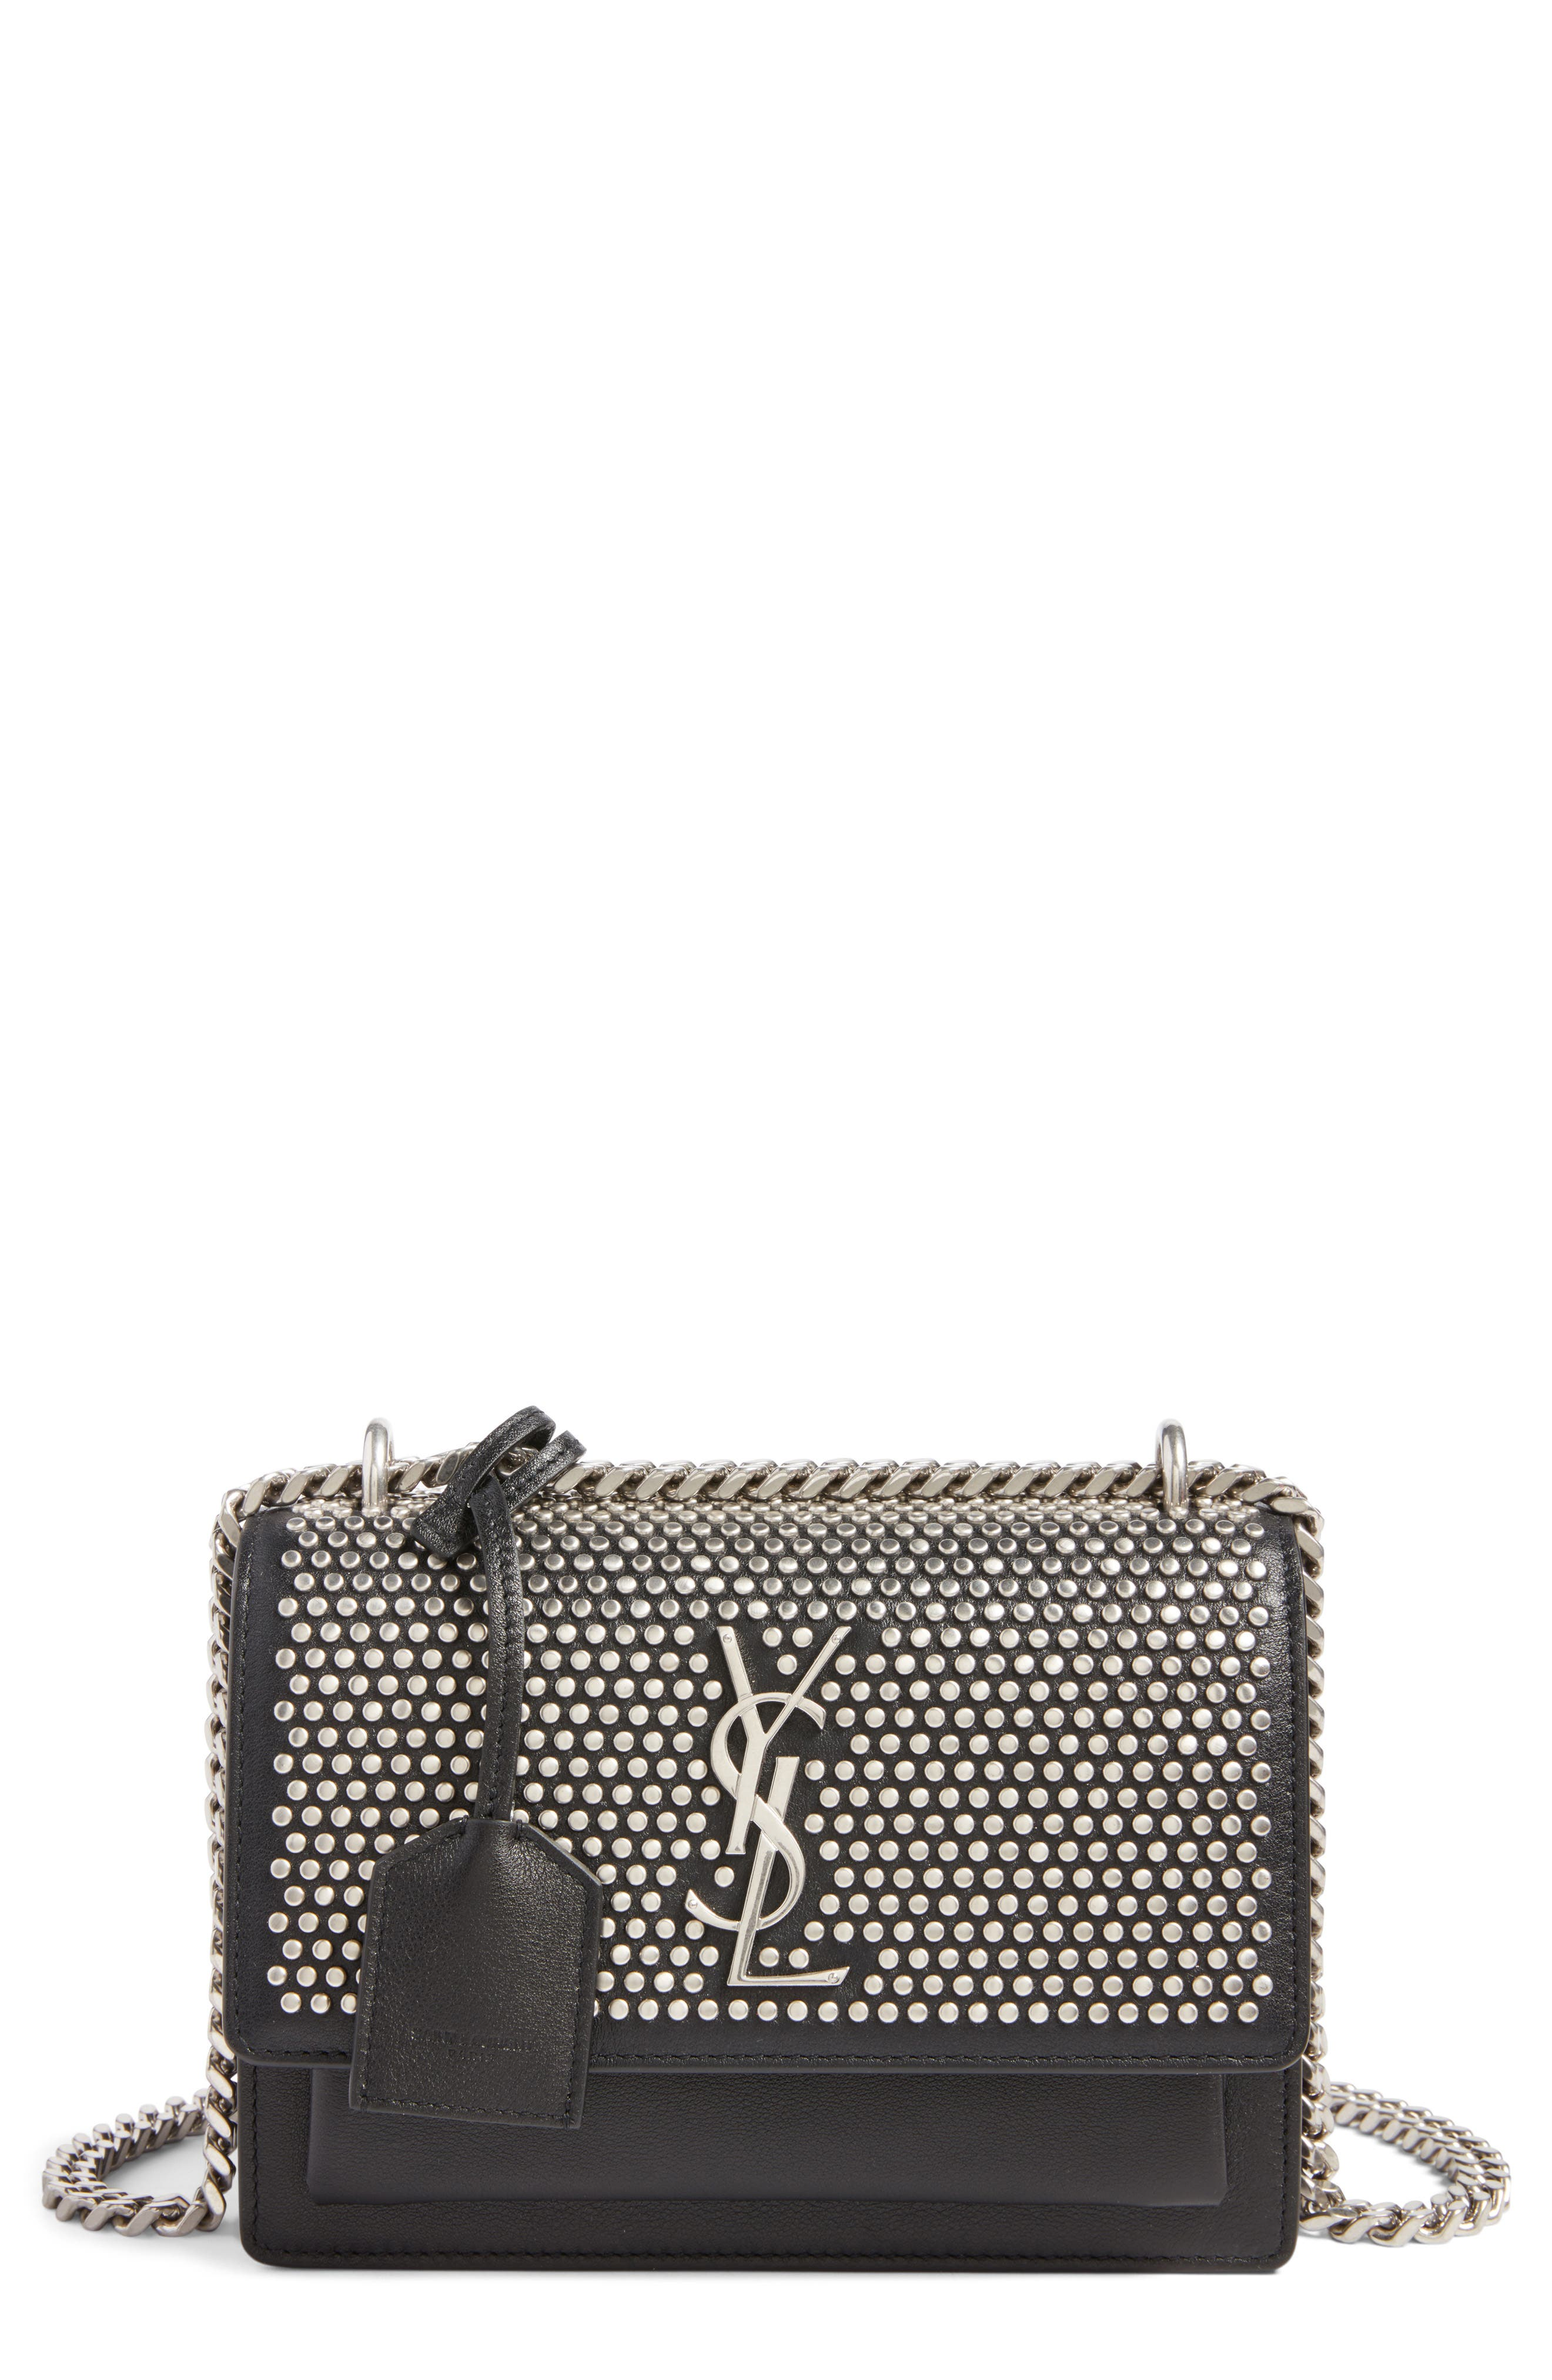 Alternate Image 1 Selected - Saint Laurent Small Sunset Studded Leather Shoulder Bag